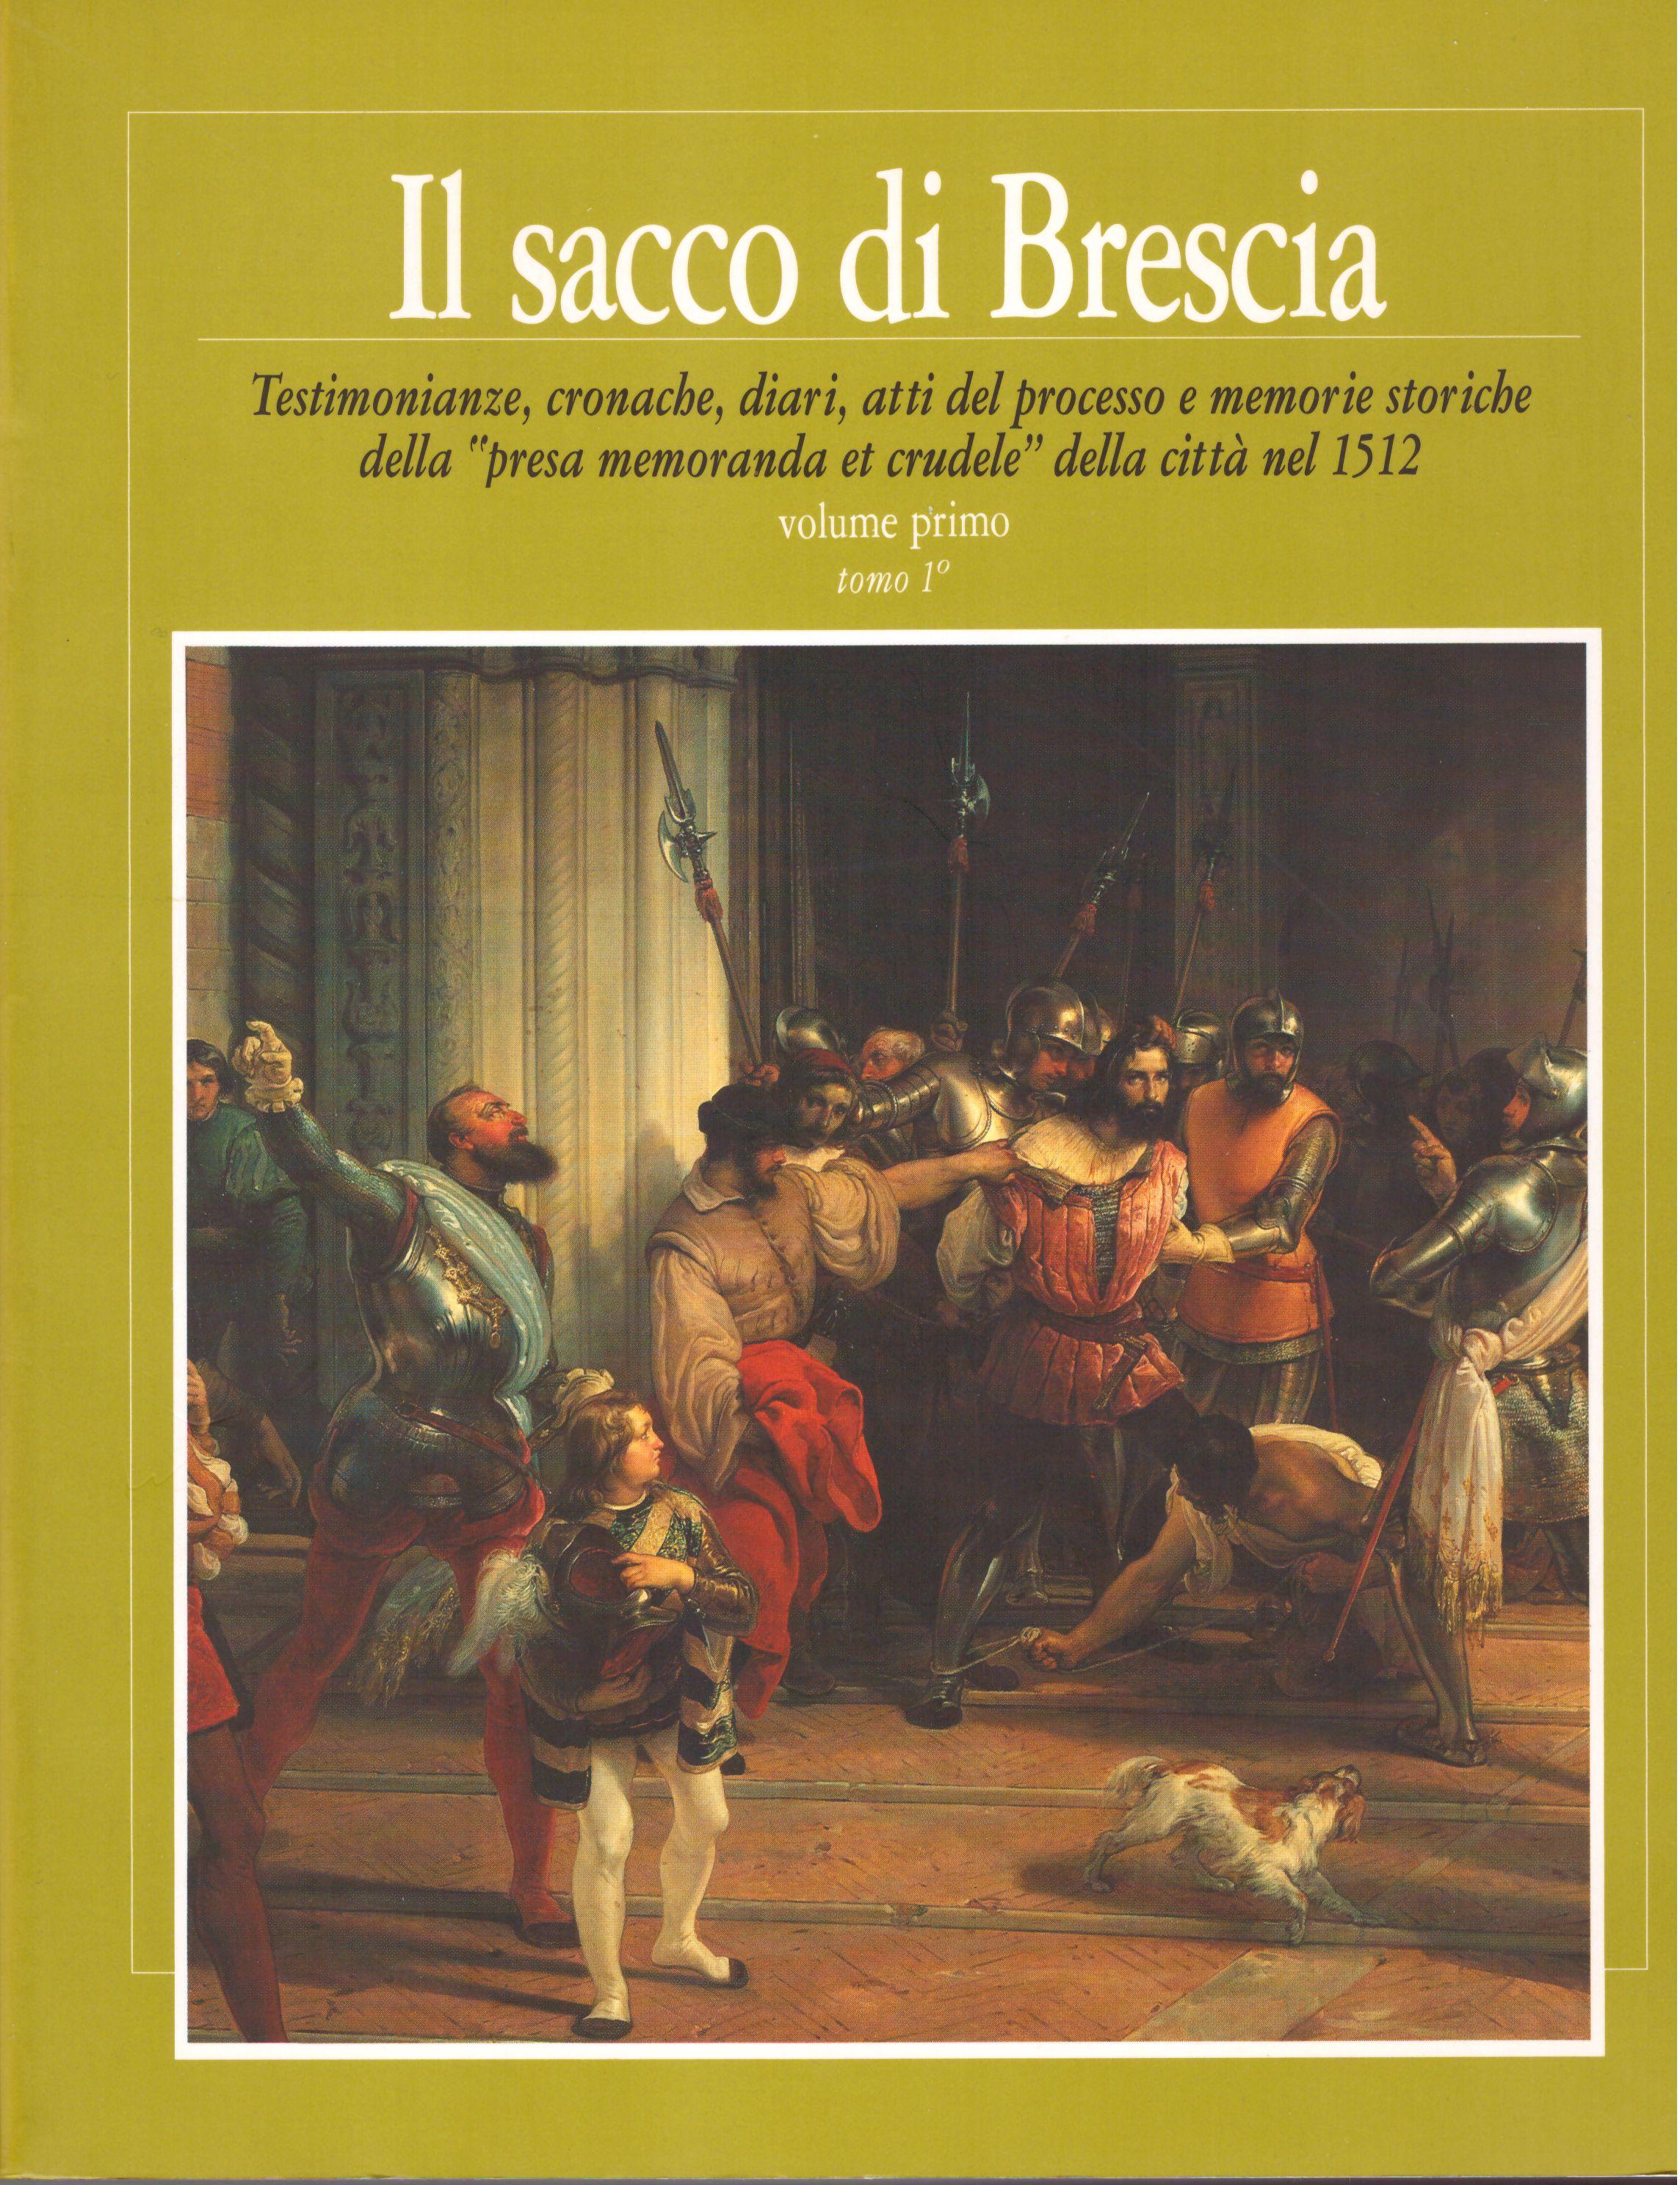 Il sacco di Brescia